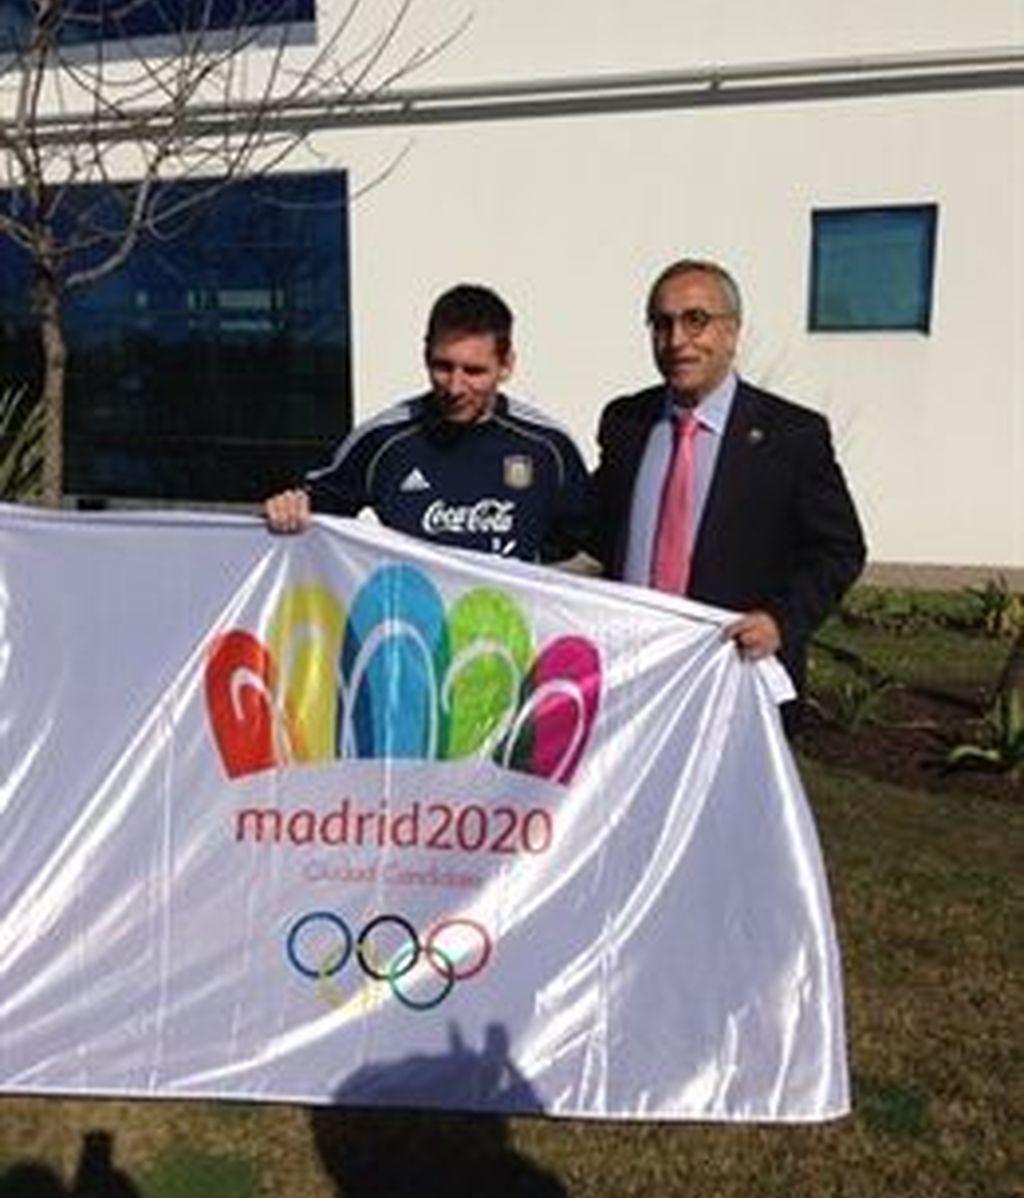 El jugador del FC Barcelona y capitán de la selección argentina, Leo Messi, ha dado su apoyo a la candidatura de Madrid para albergar los Juegos Olímpicos y Paralímpicos de 2020